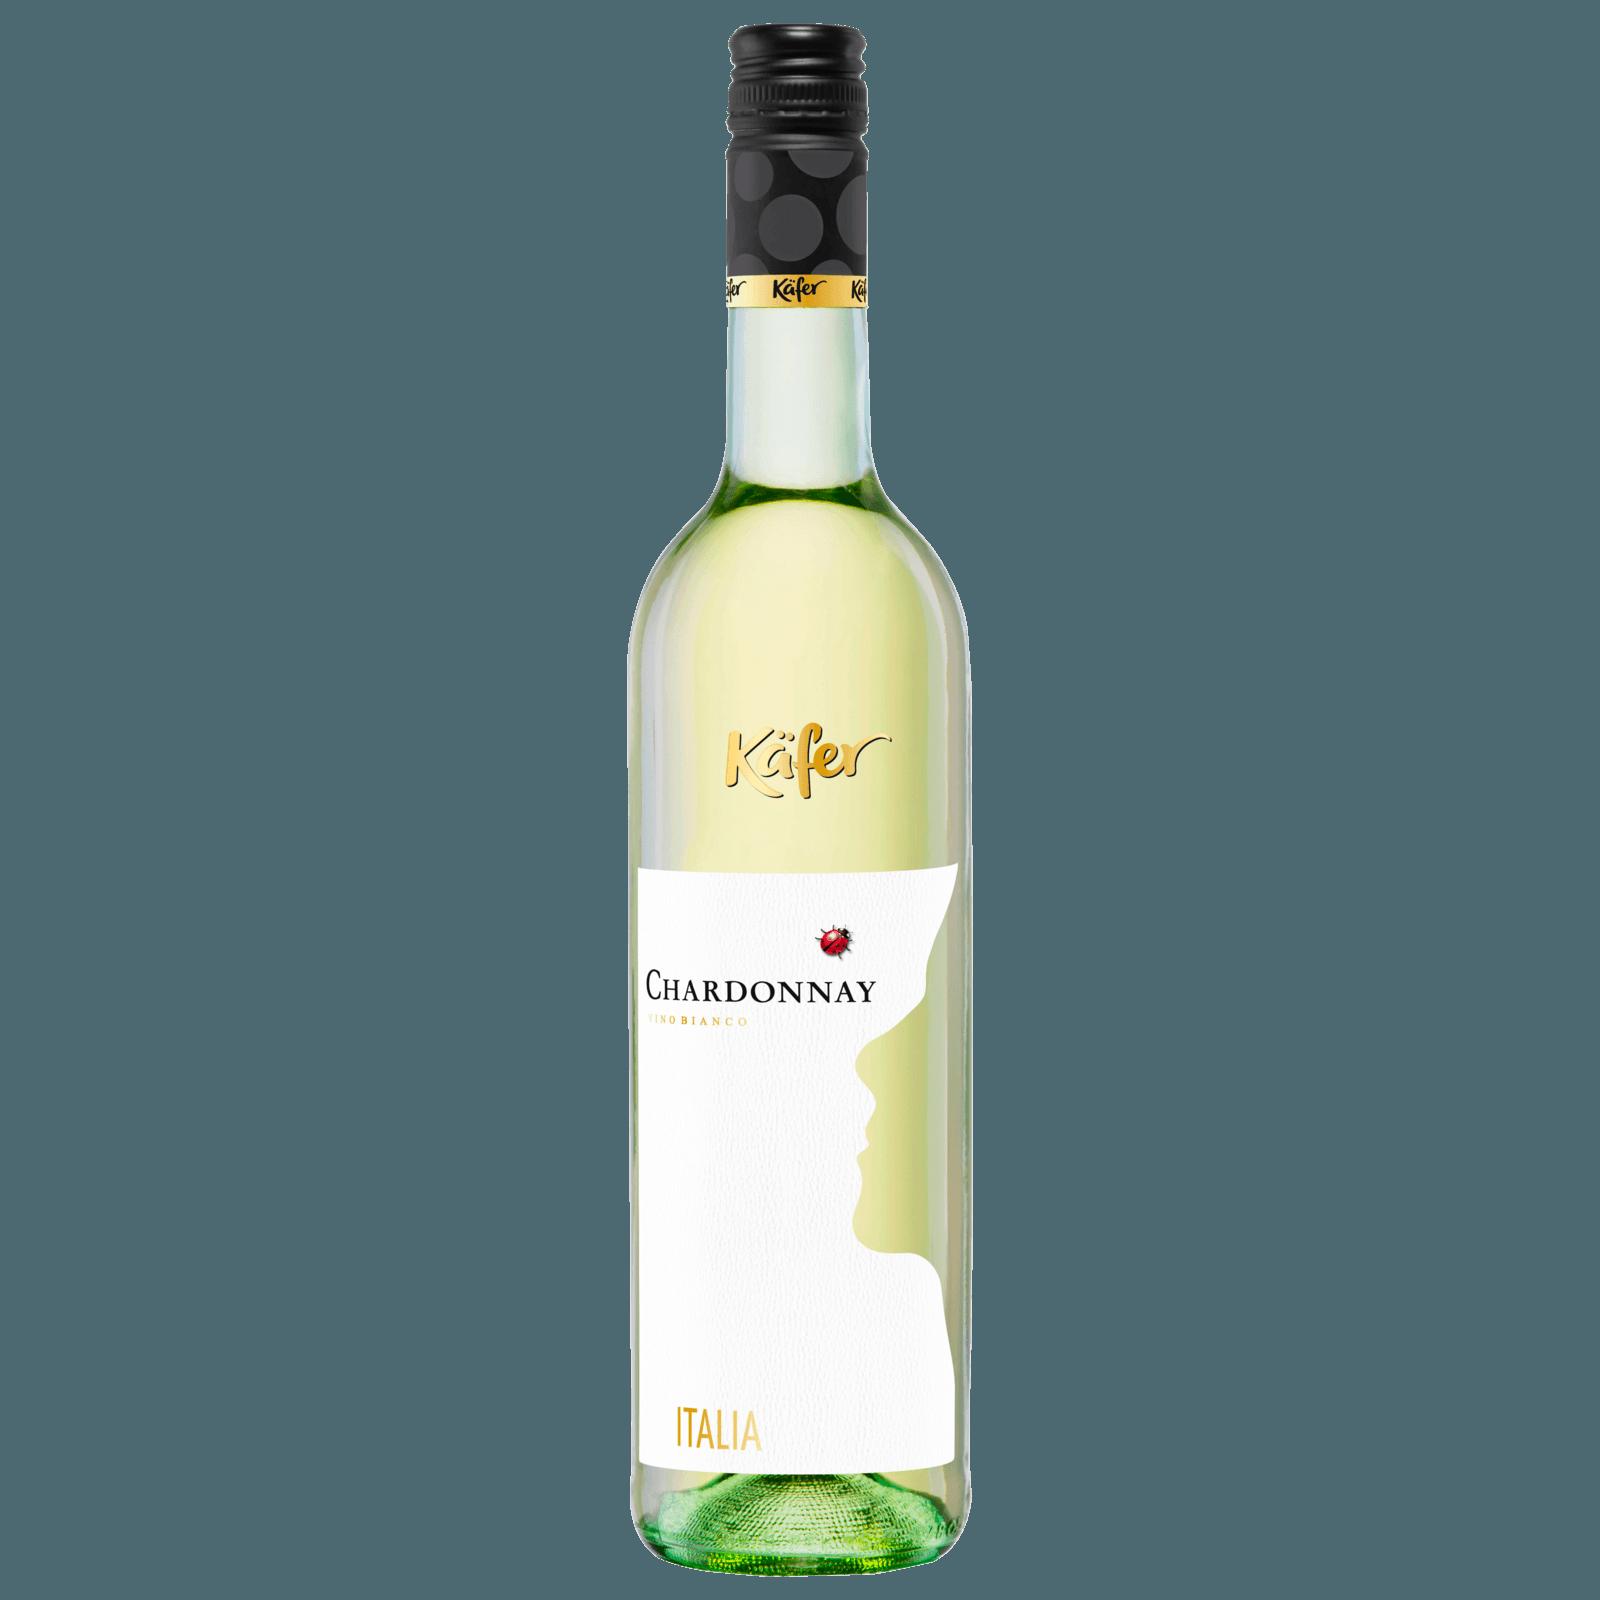 Käfer Weißwein Chardonnay Italien IGP trocken 0,75l